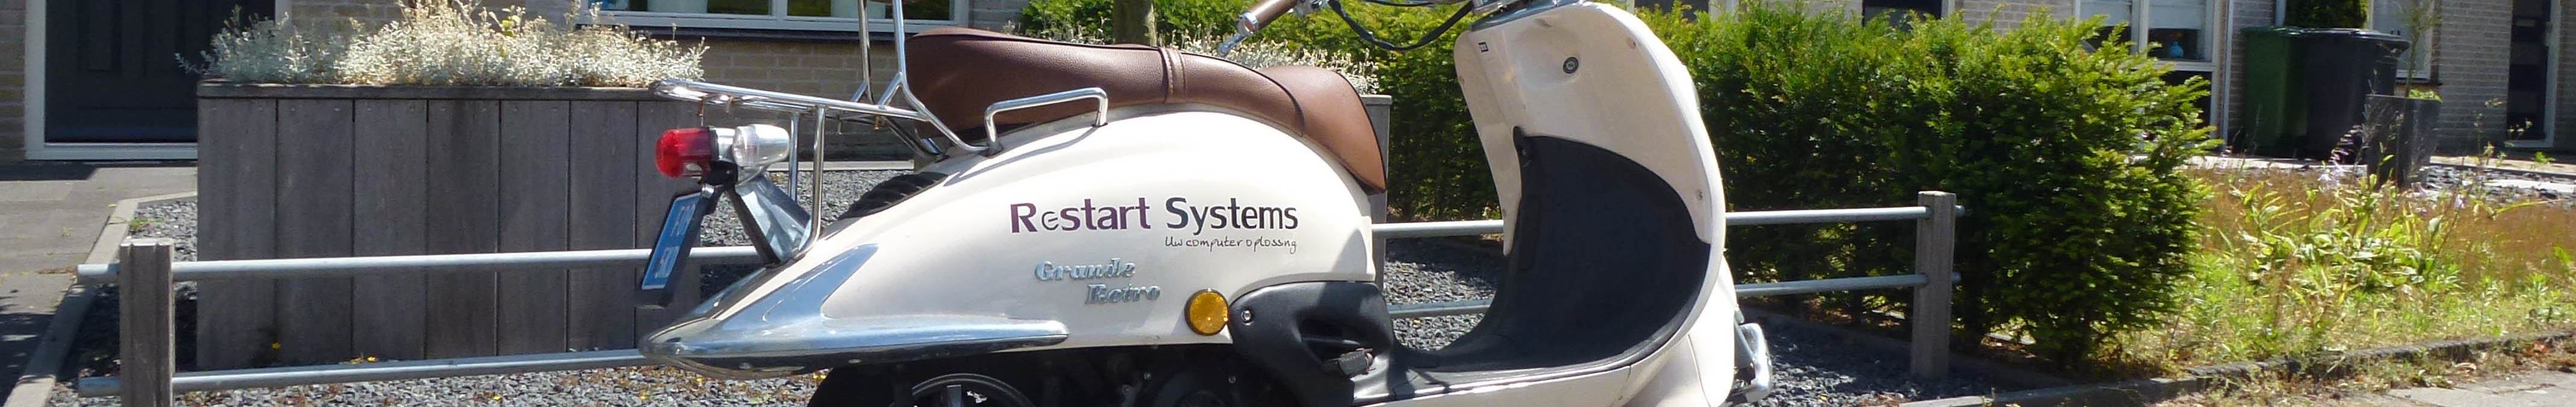 header restart systems